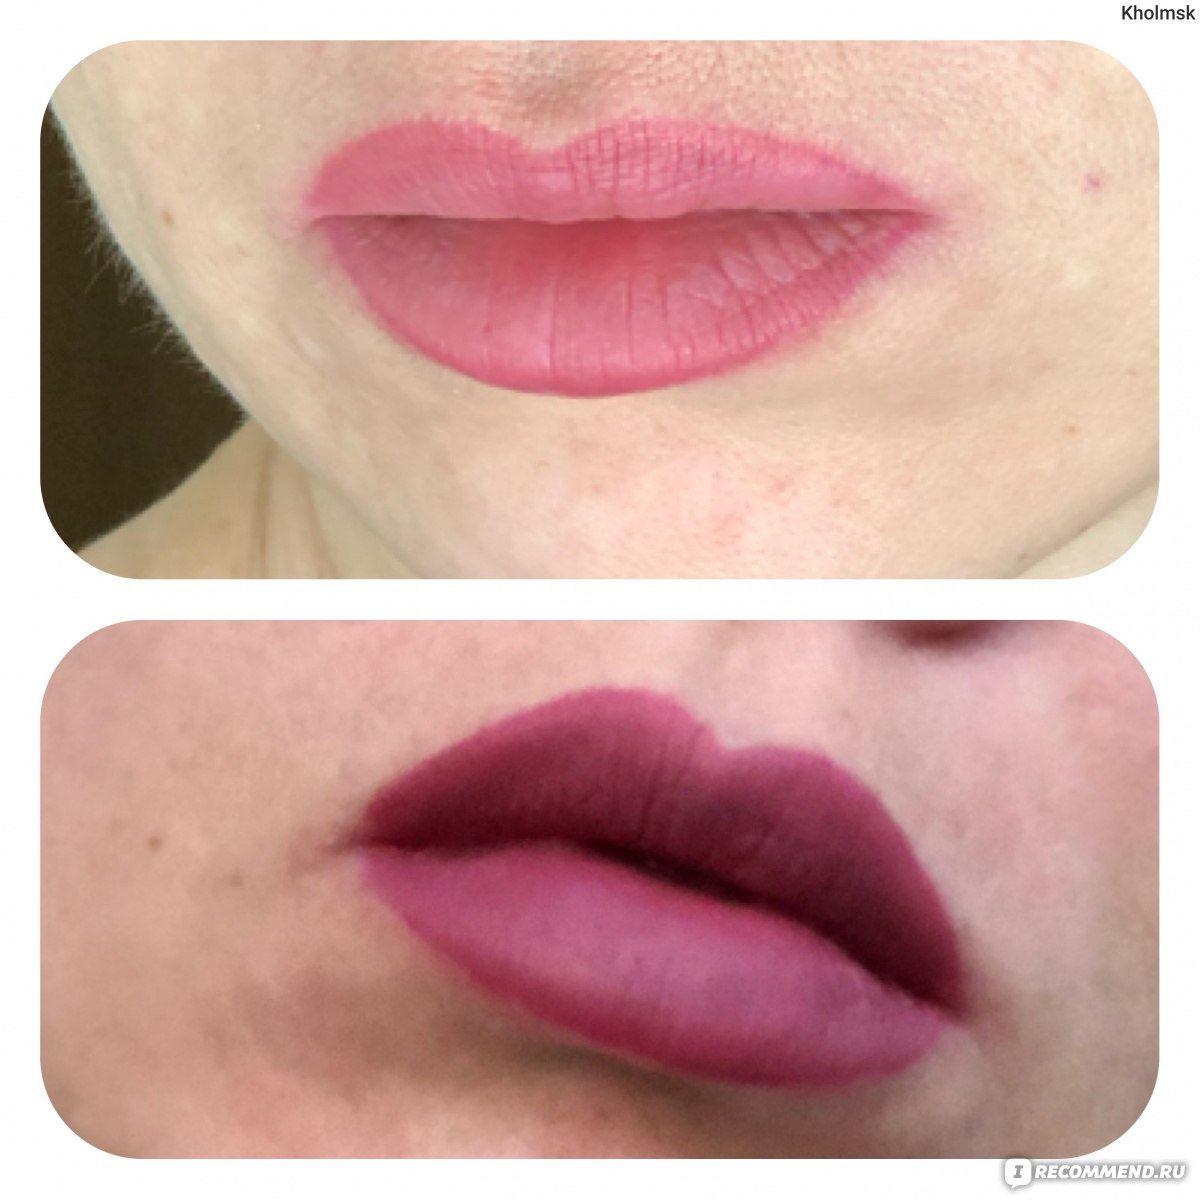 Филлер для губ Juvederm Ultra Smile - «Как сделать красивые